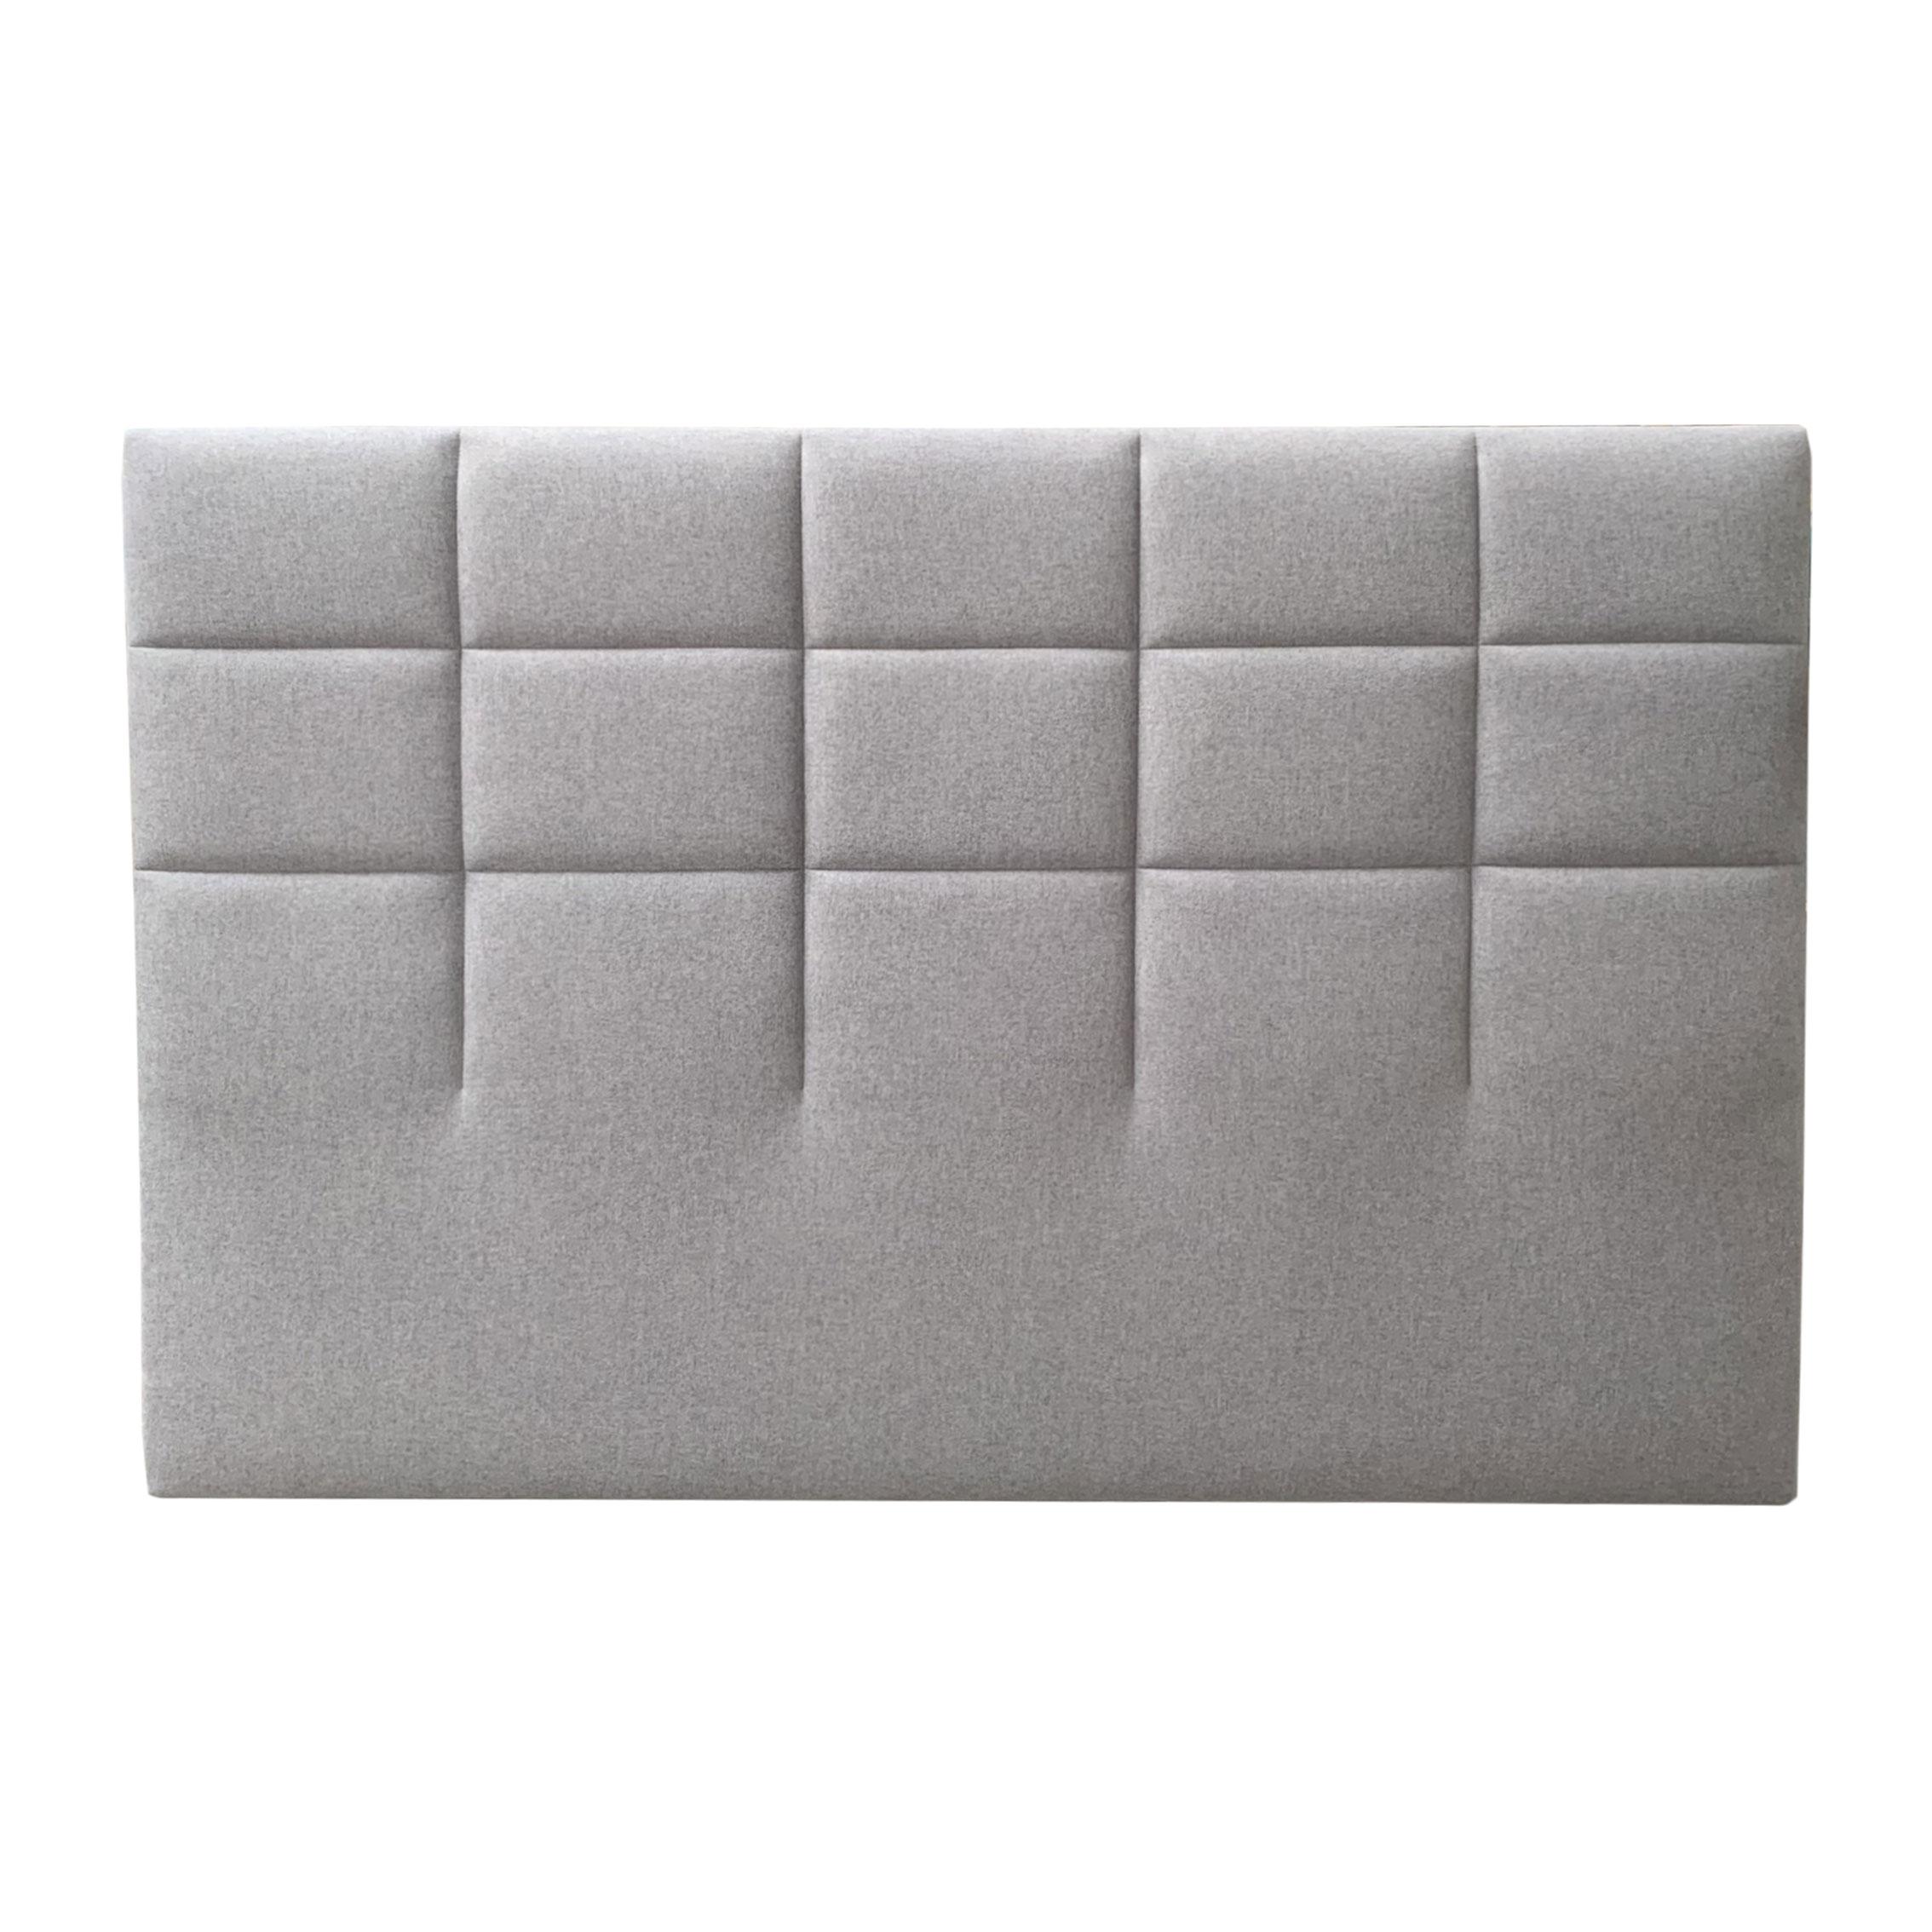 Tête de lit CARRE gris